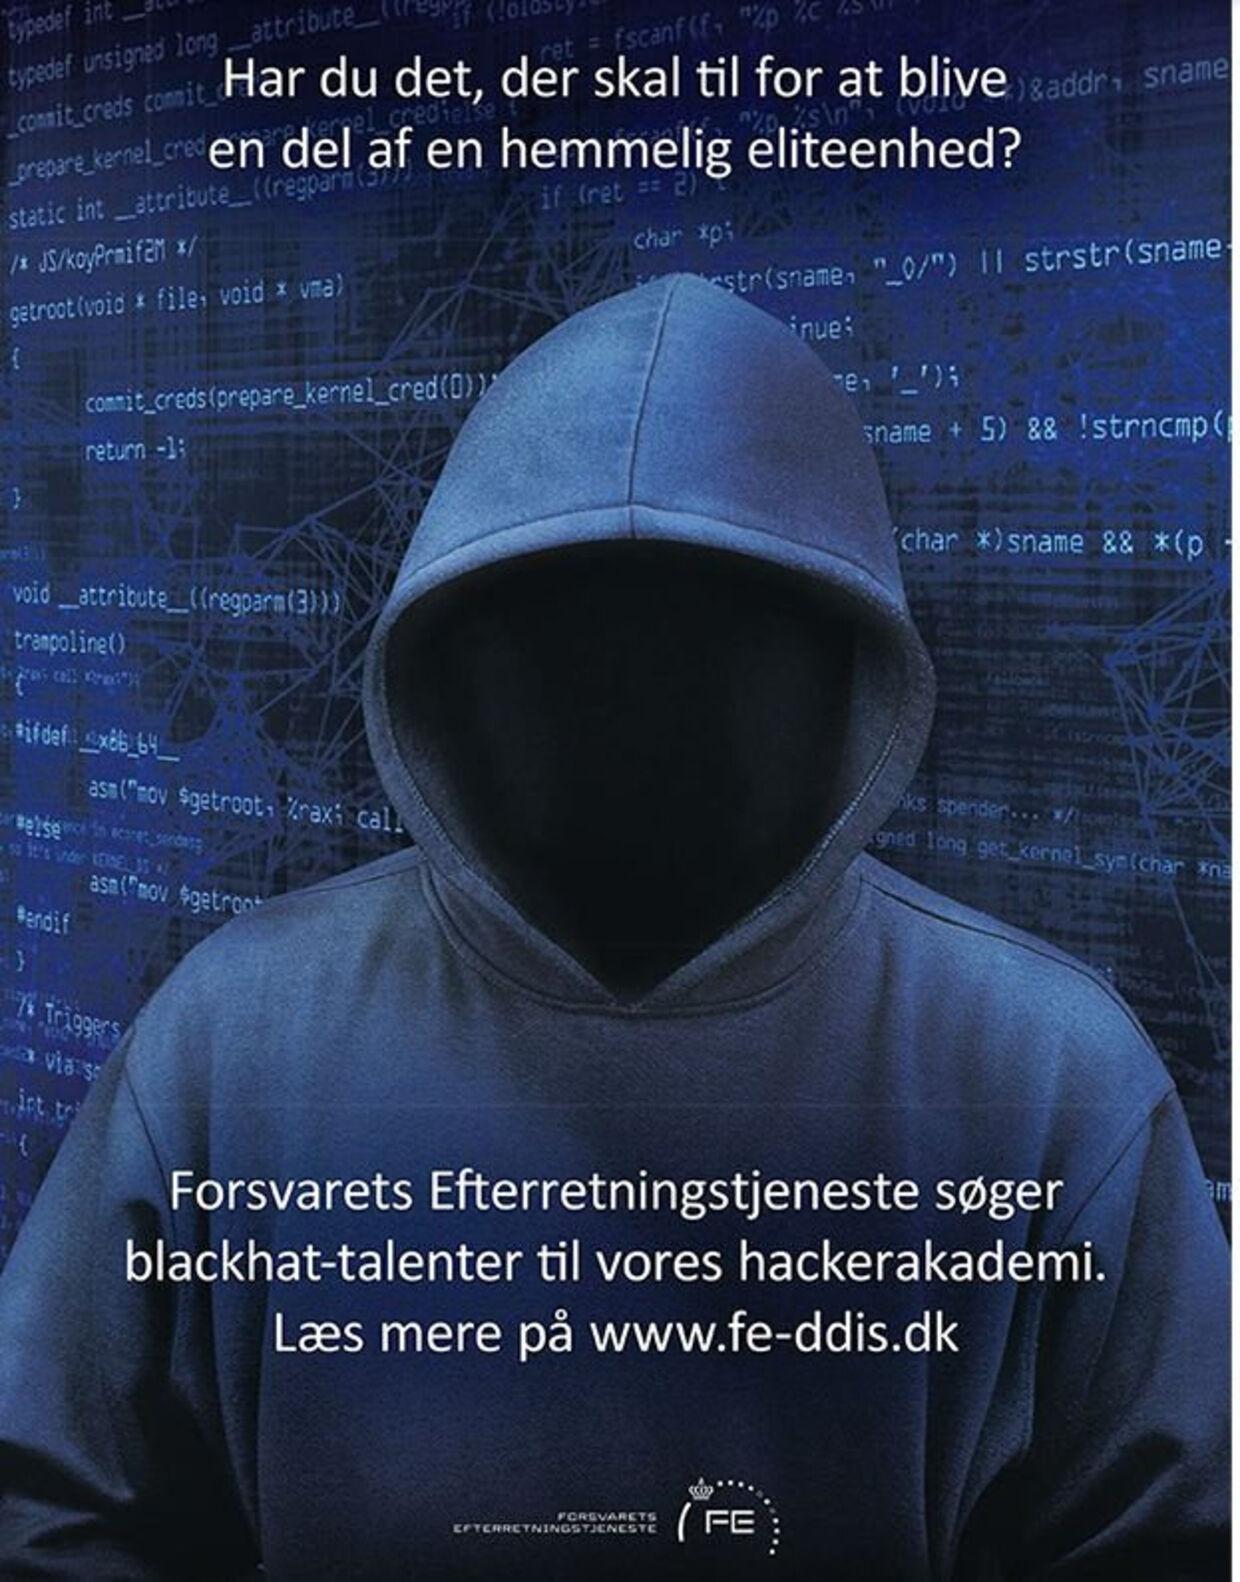 Forsvarets Efterretningstjeneste søgte i efteråret hackere, fremtidens soldater, som i femtiden skal kunne udvikle cyber-våben. Foto: Forsvarets Efterretningstjeneste